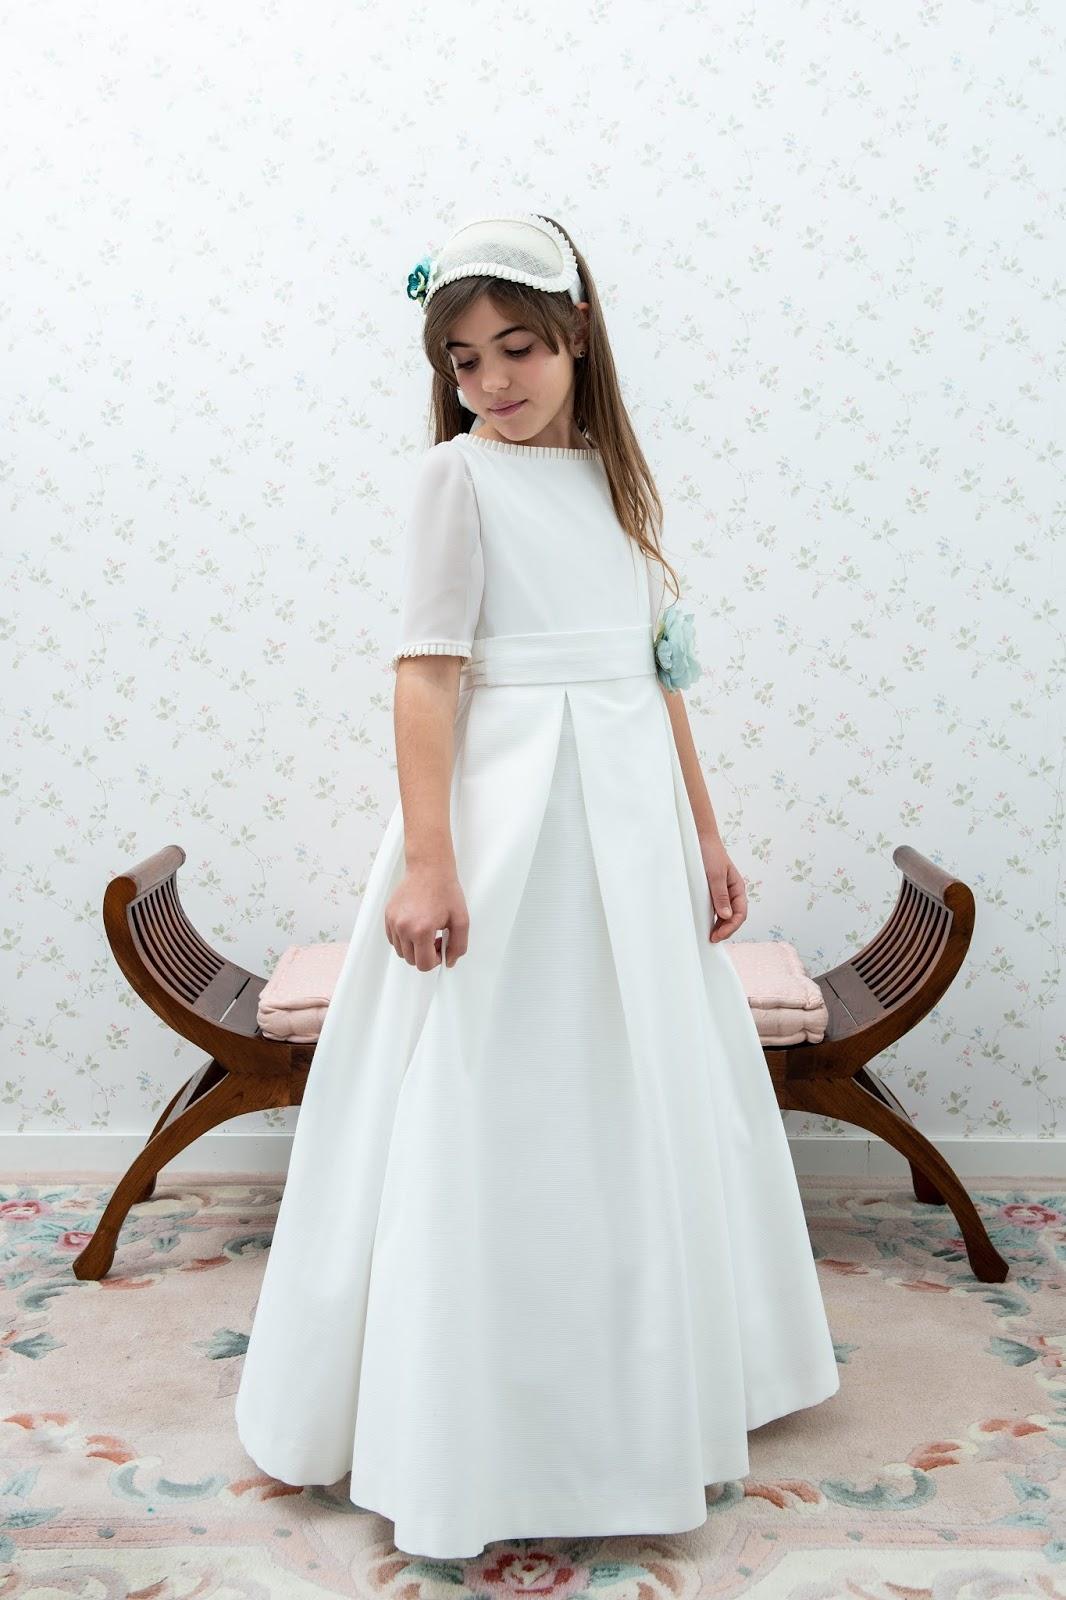 8873c6d8e Nuestra nueva colección de Primera Comunión sigue fiel a un estilo  elegante, original y siempre pensando en que cada niña encuentre su vestido  ideal.